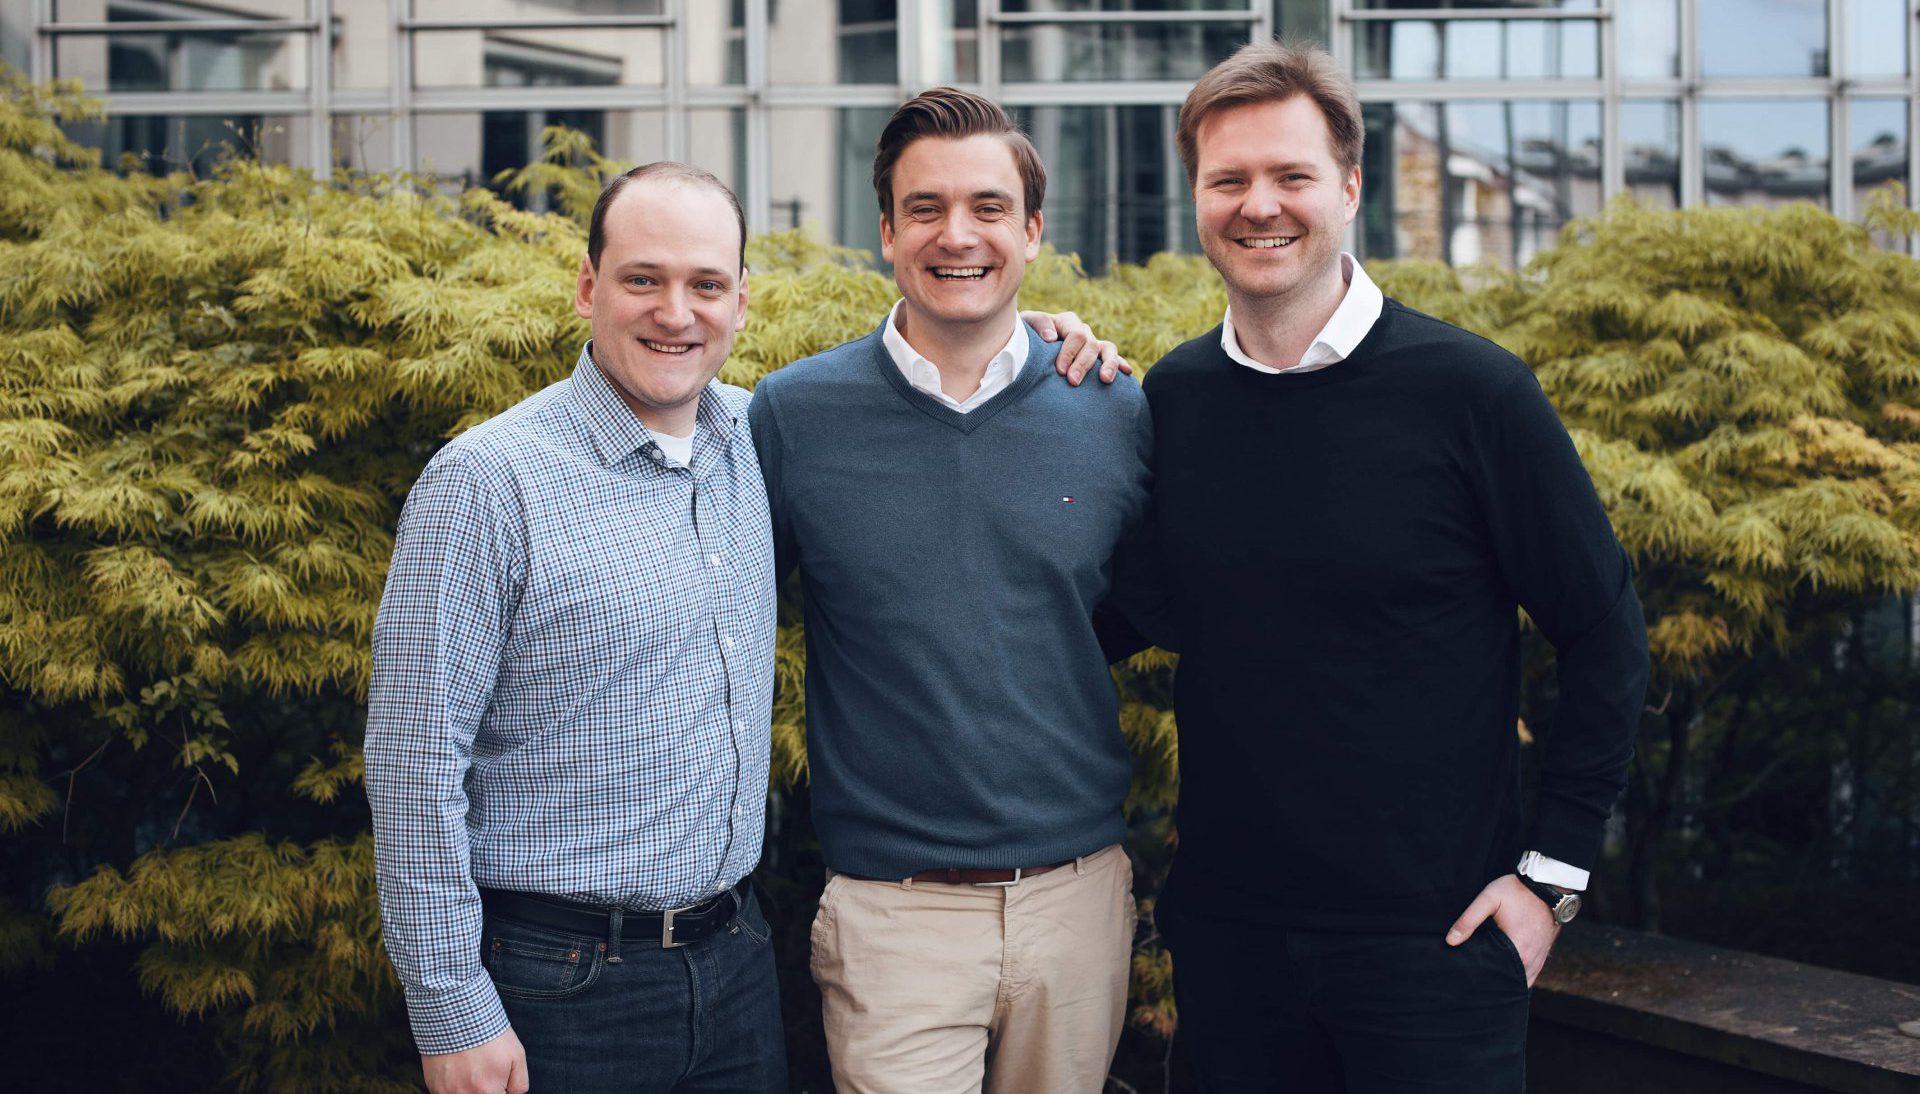 Die drei Gründer von Enpal: Viktor Wingert, Mario Kohle und Jochen Ziervogel